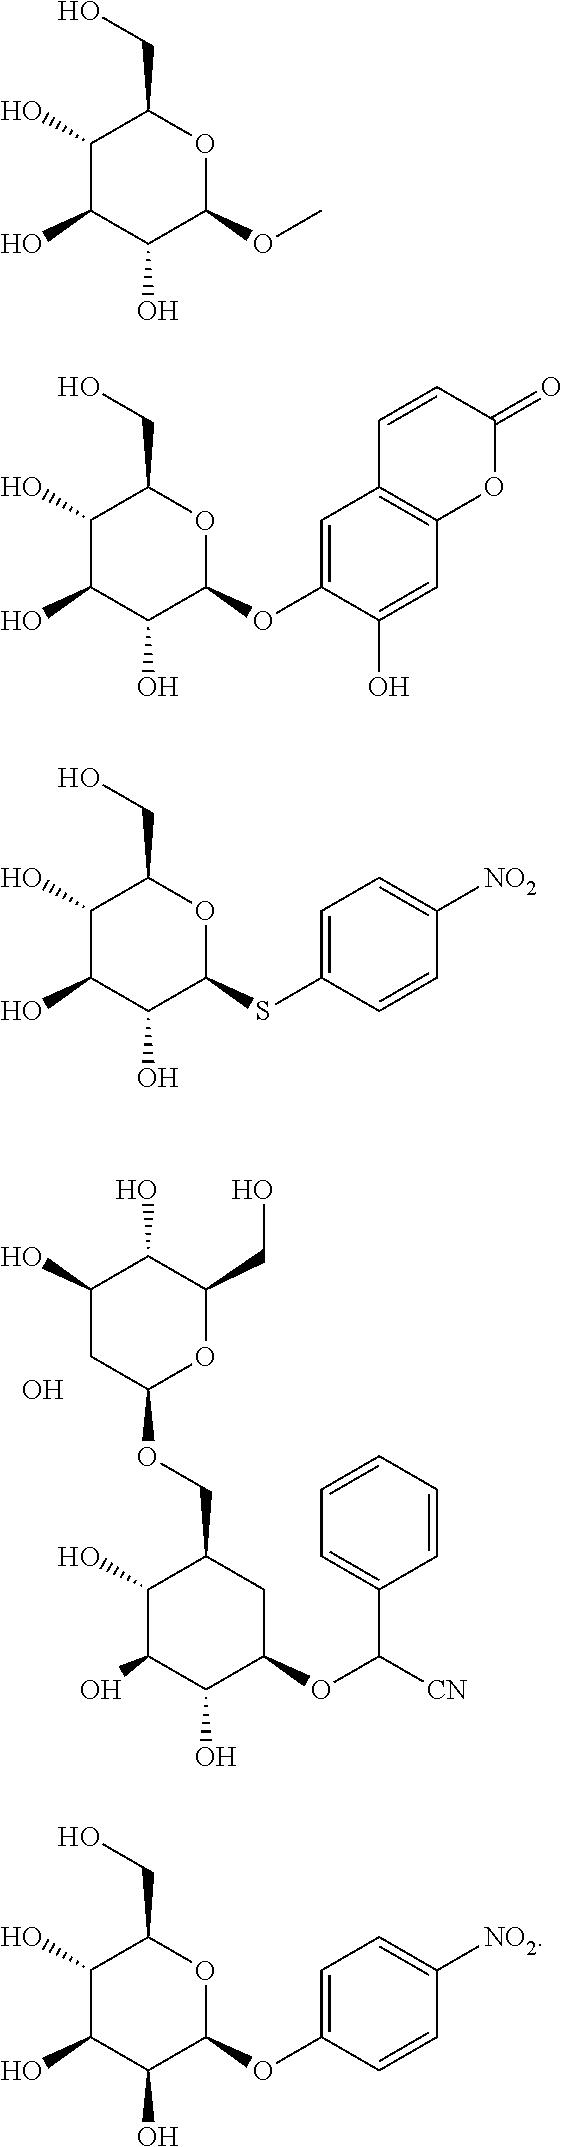 Figure US09962344-20180508-C00118